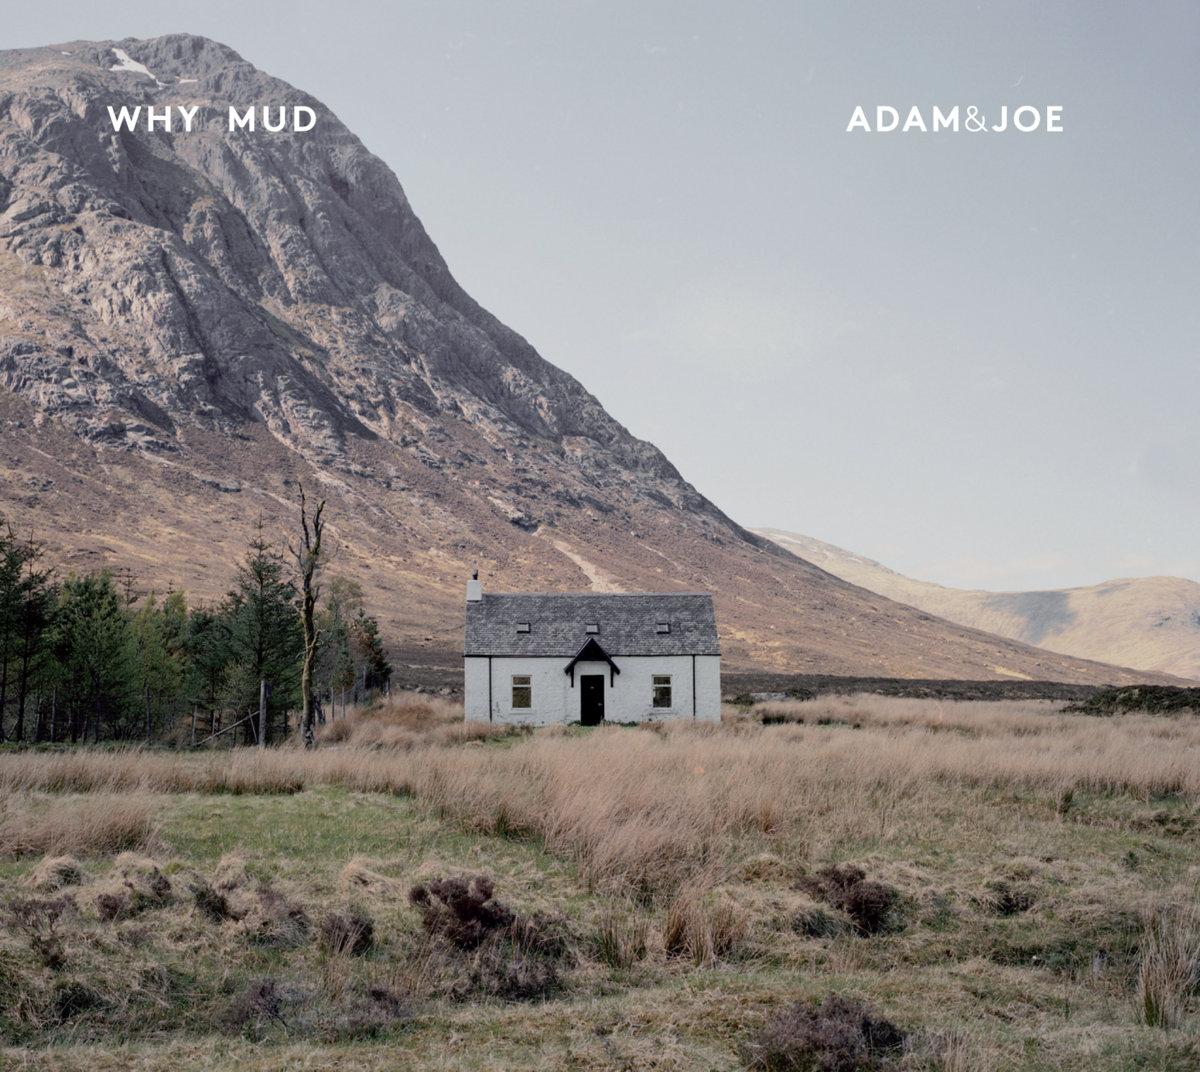 Adam&Joe